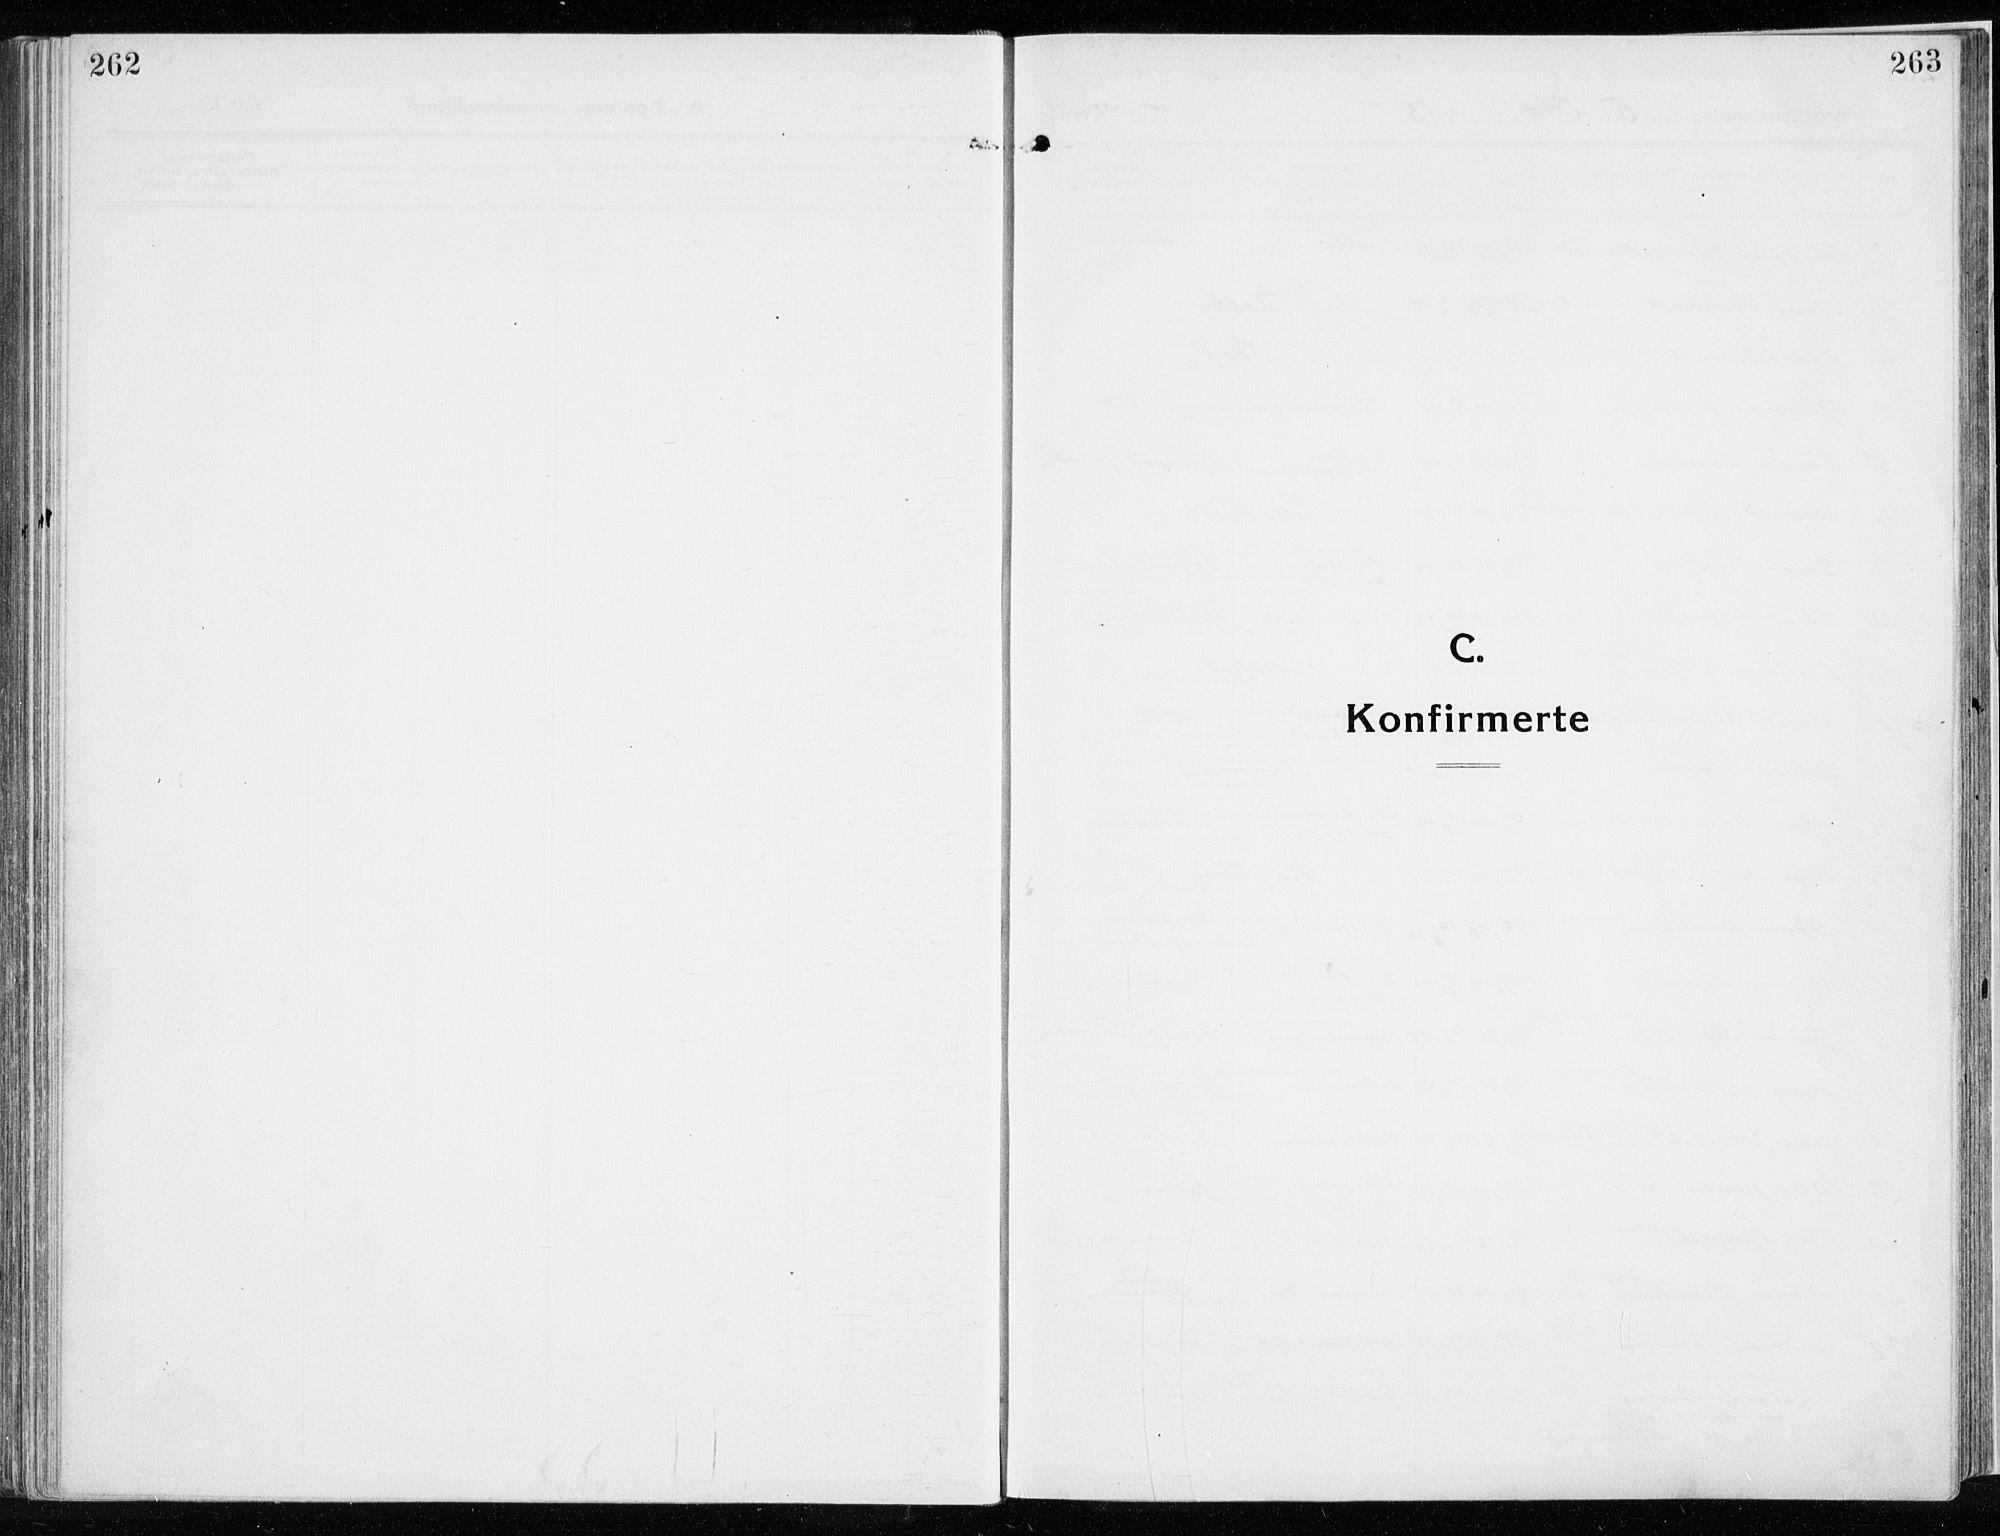 SAH, Ringsaker prestekontor, K/Ka/L0020: Ministerialbok nr. 20, 1913-1922, s. 262-263